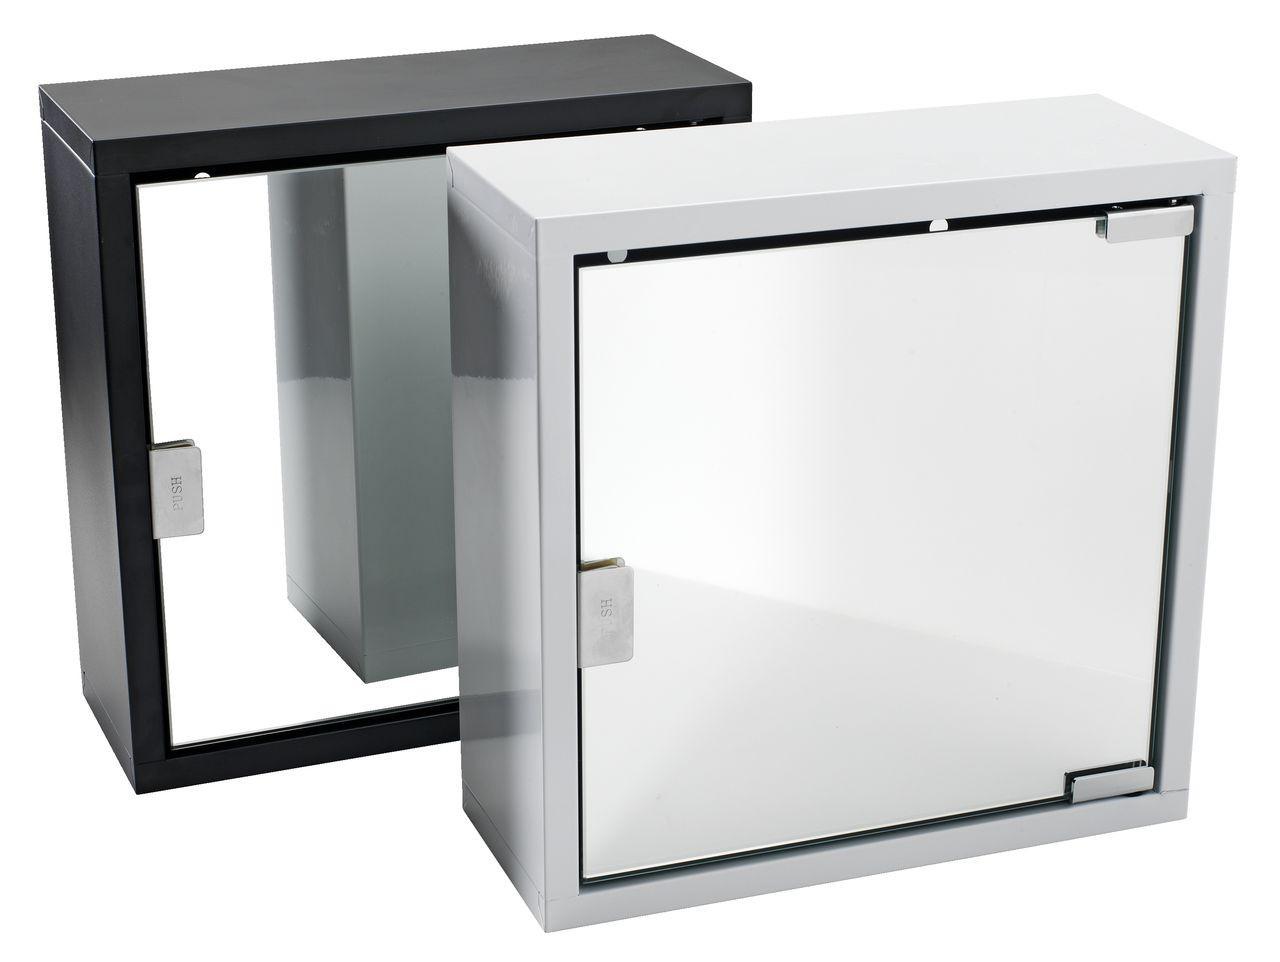 Шкафчик металлический с зеркальной дверцой квадратный (черный и белый) - Мебельный интернет-магазин «МебеЛайм» - доставим мебель в любой город Украины быстро и качественно. в Киеве